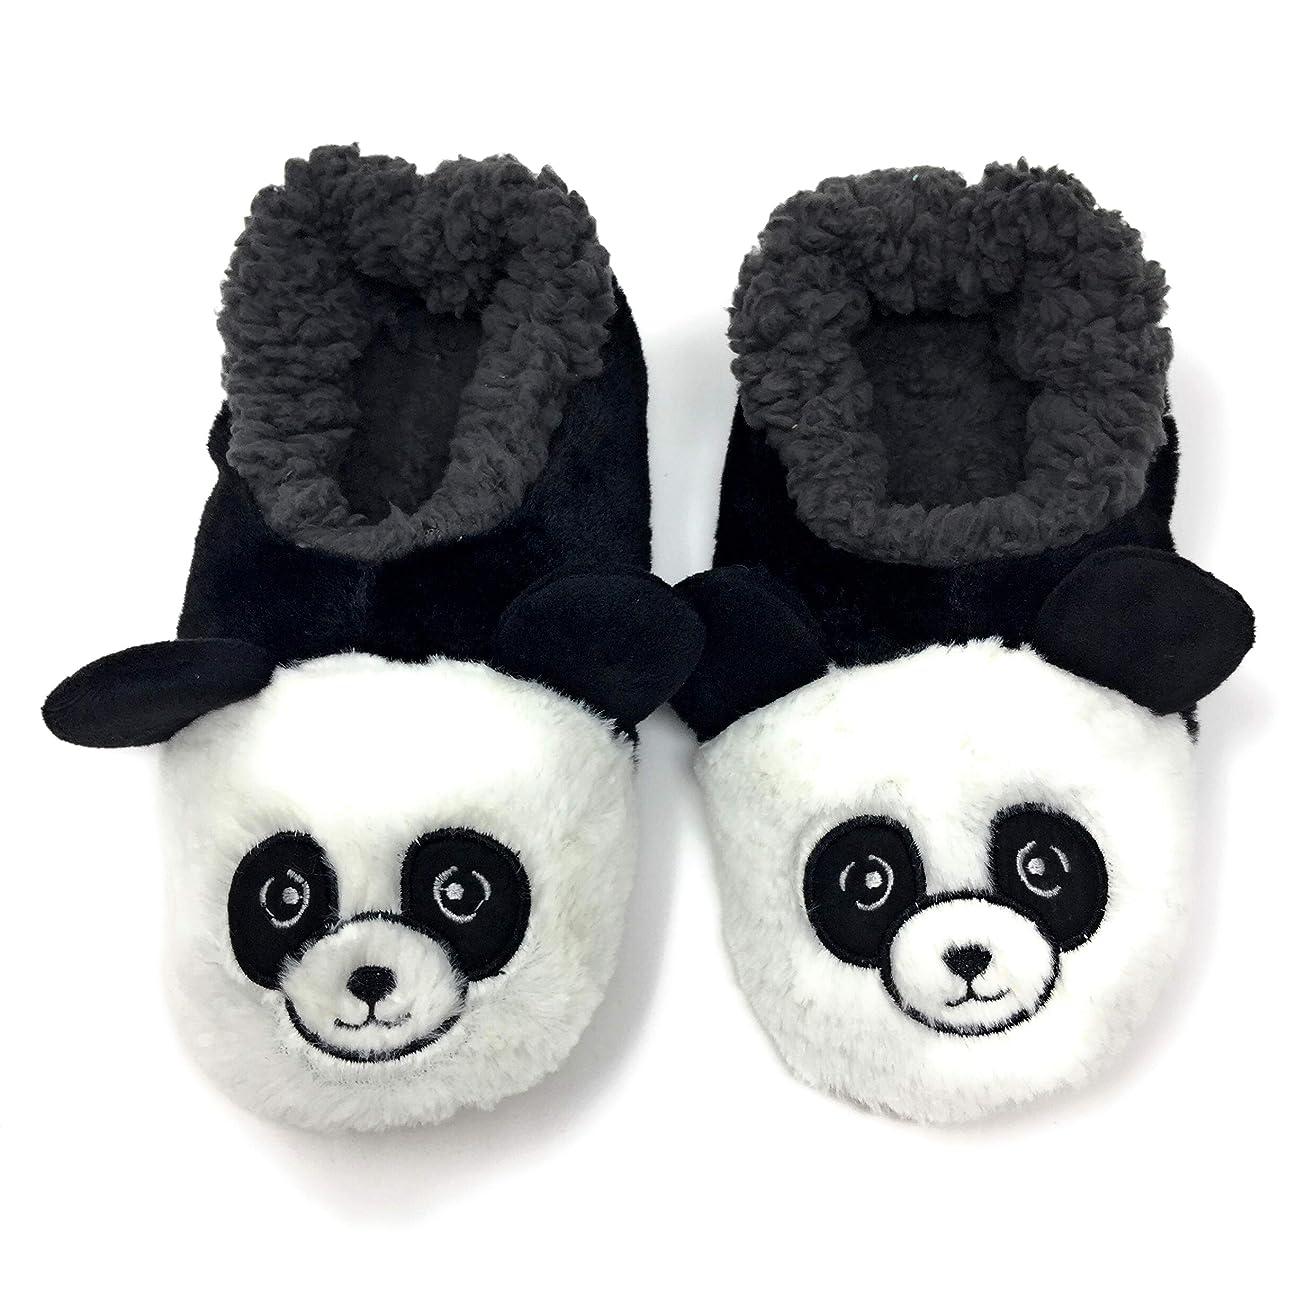 リア王桃妊娠したOooh Yeah Socks SOCKSHOSIERY ユニセックス?アダルト US サイズ: Large カラー: ホワイト